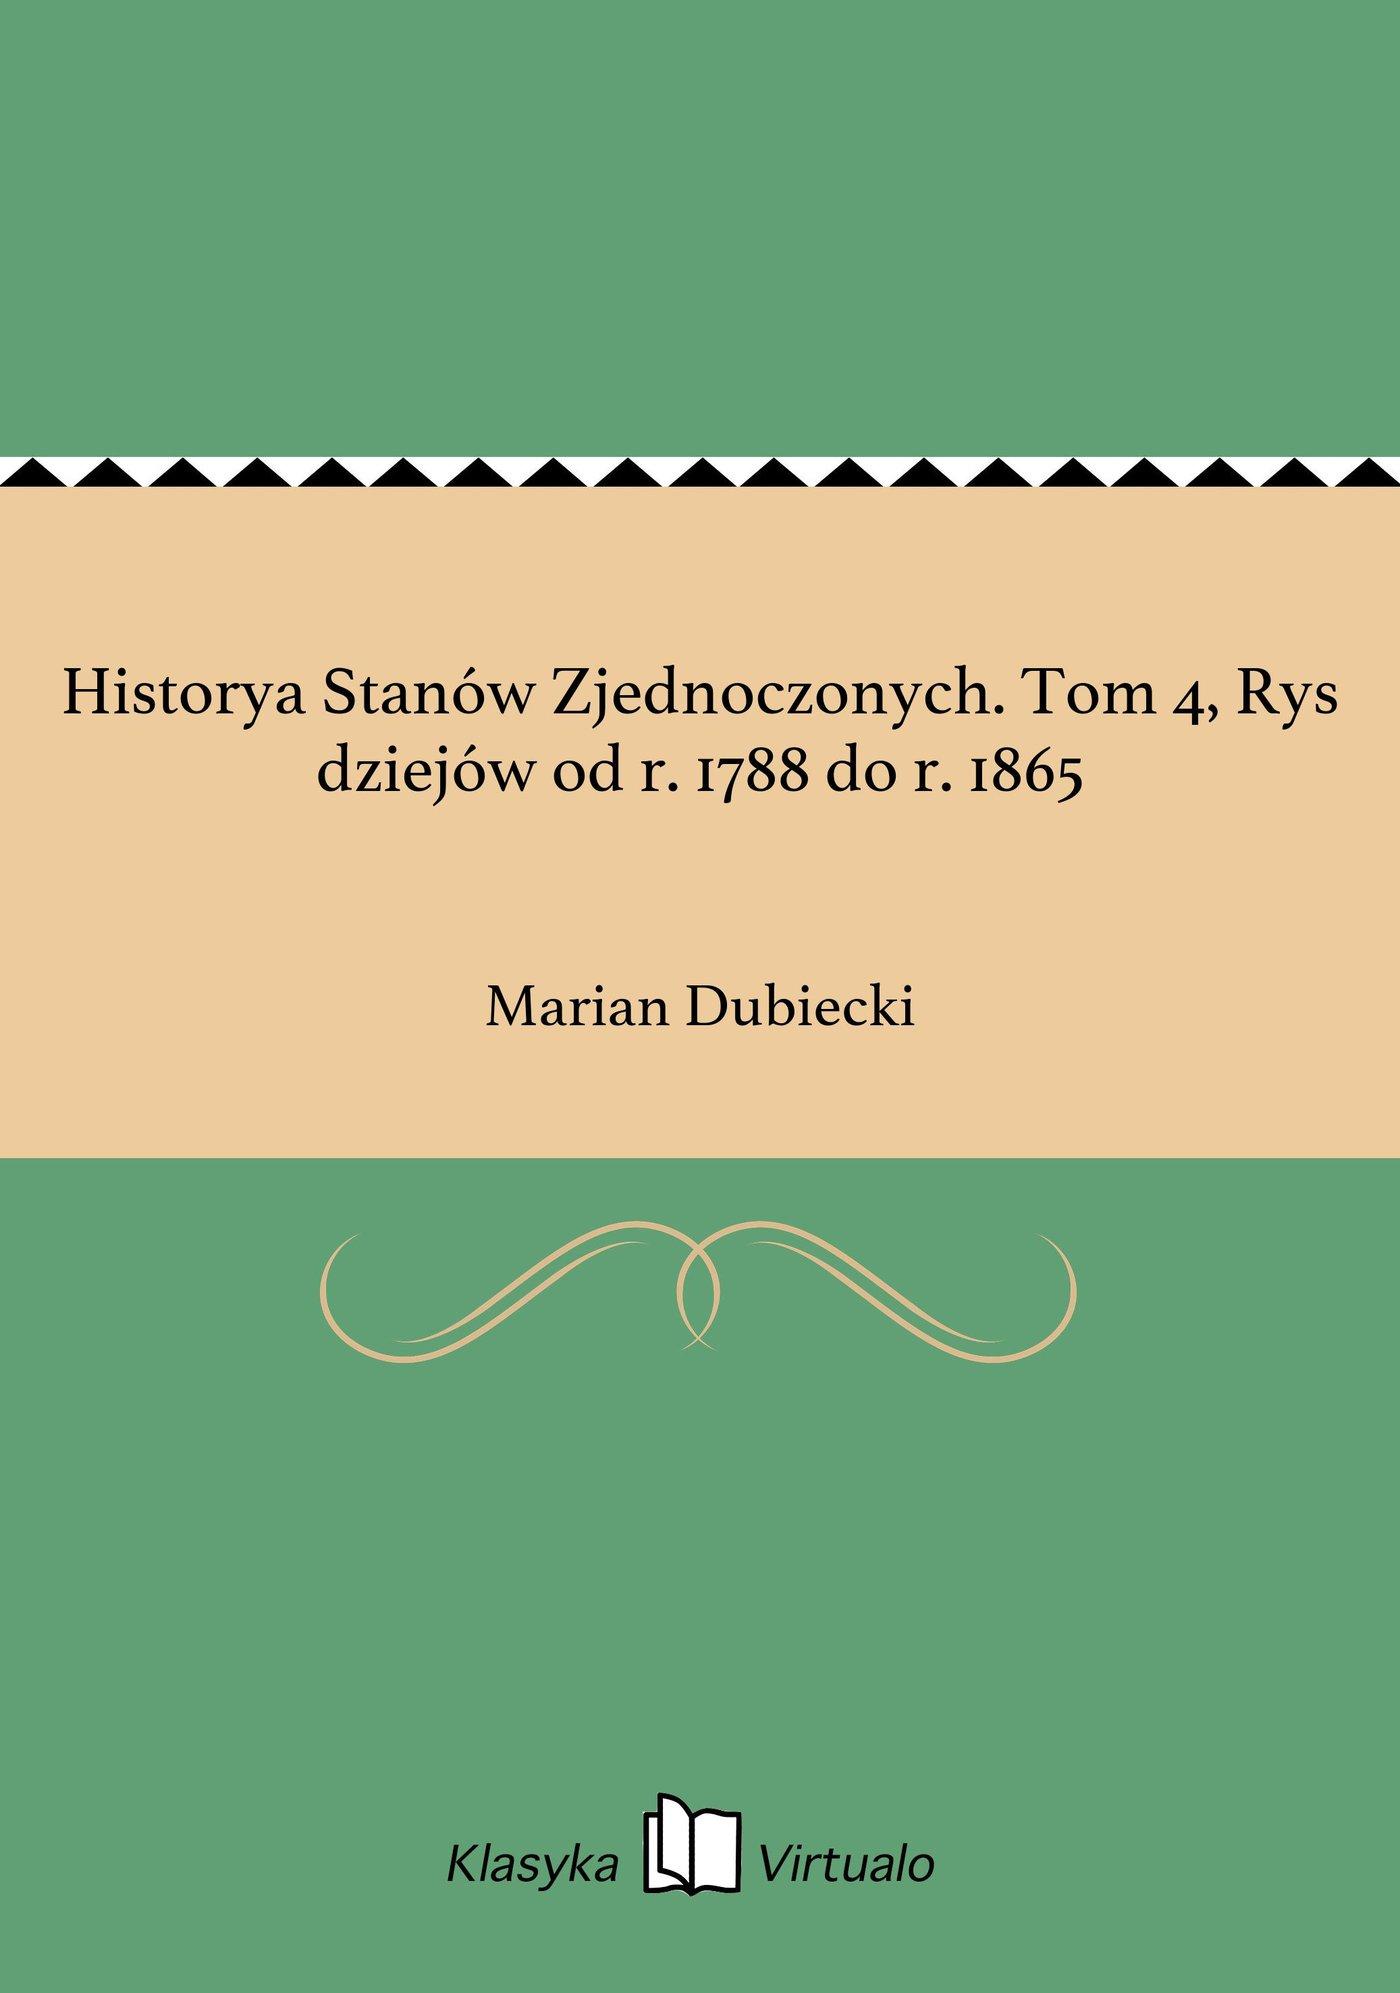 Historya Stanów Zjednoczonych. Tom 4, Rys dziejów od r. 1788 do r. 1865 - Ebook (Książka na Kindle) do pobrania w formacie MOBI